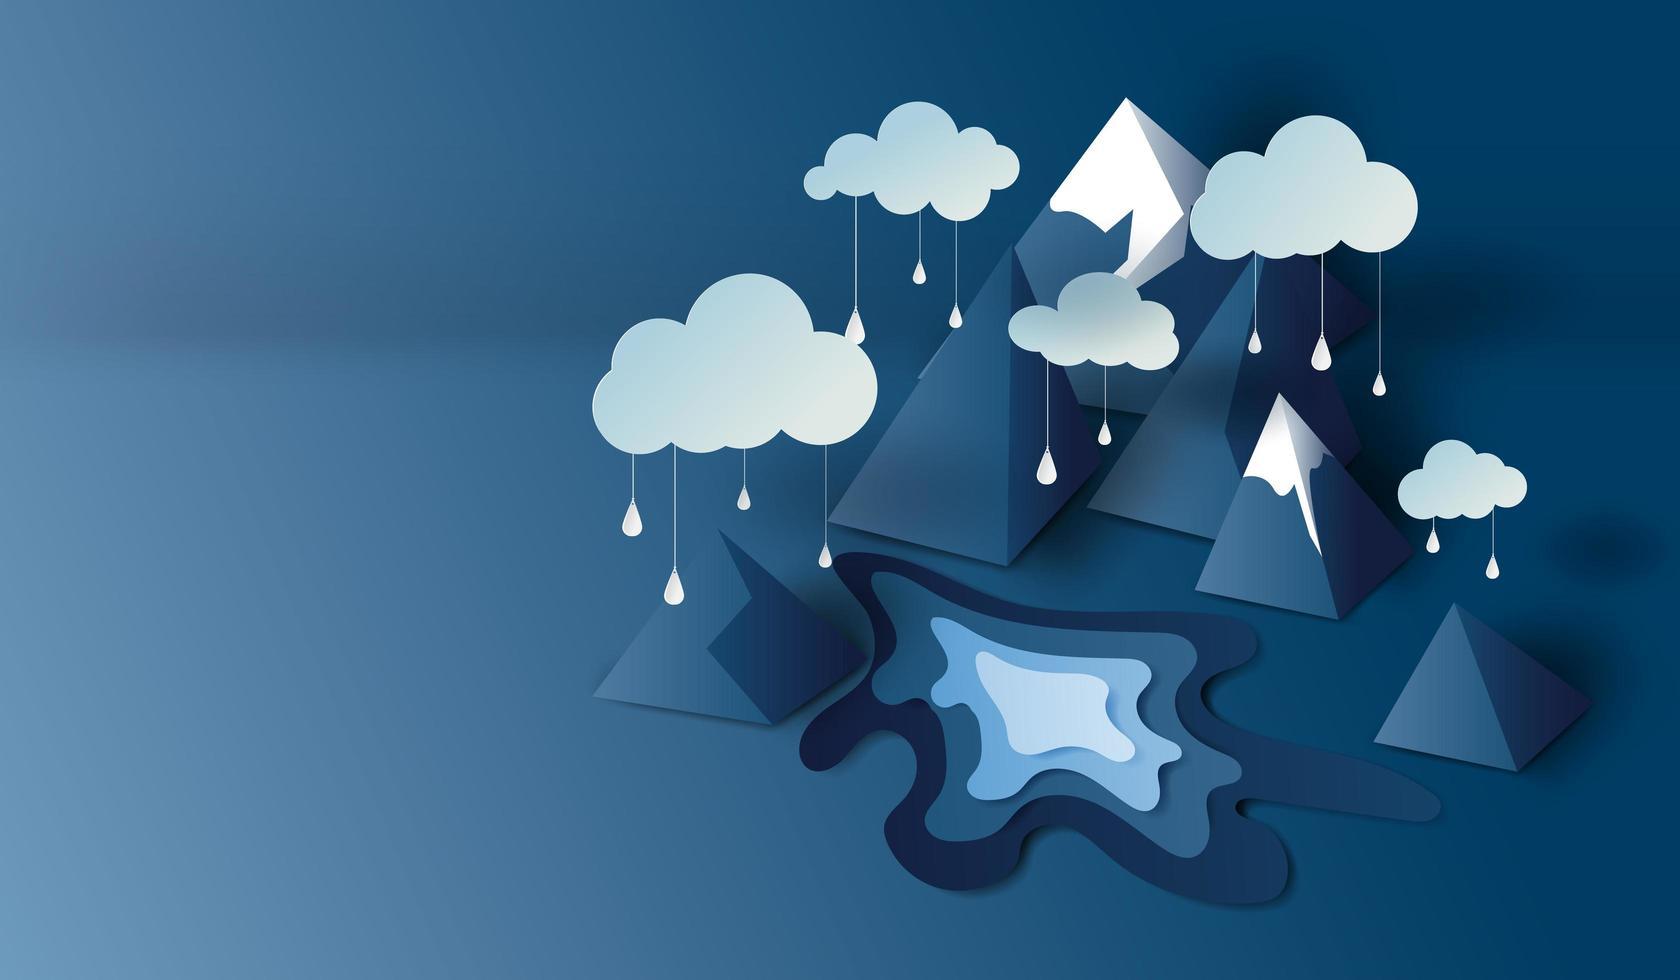 papier gesneden kunst met 3d uitzicht op de bergen en wolken banner achtergrond vector